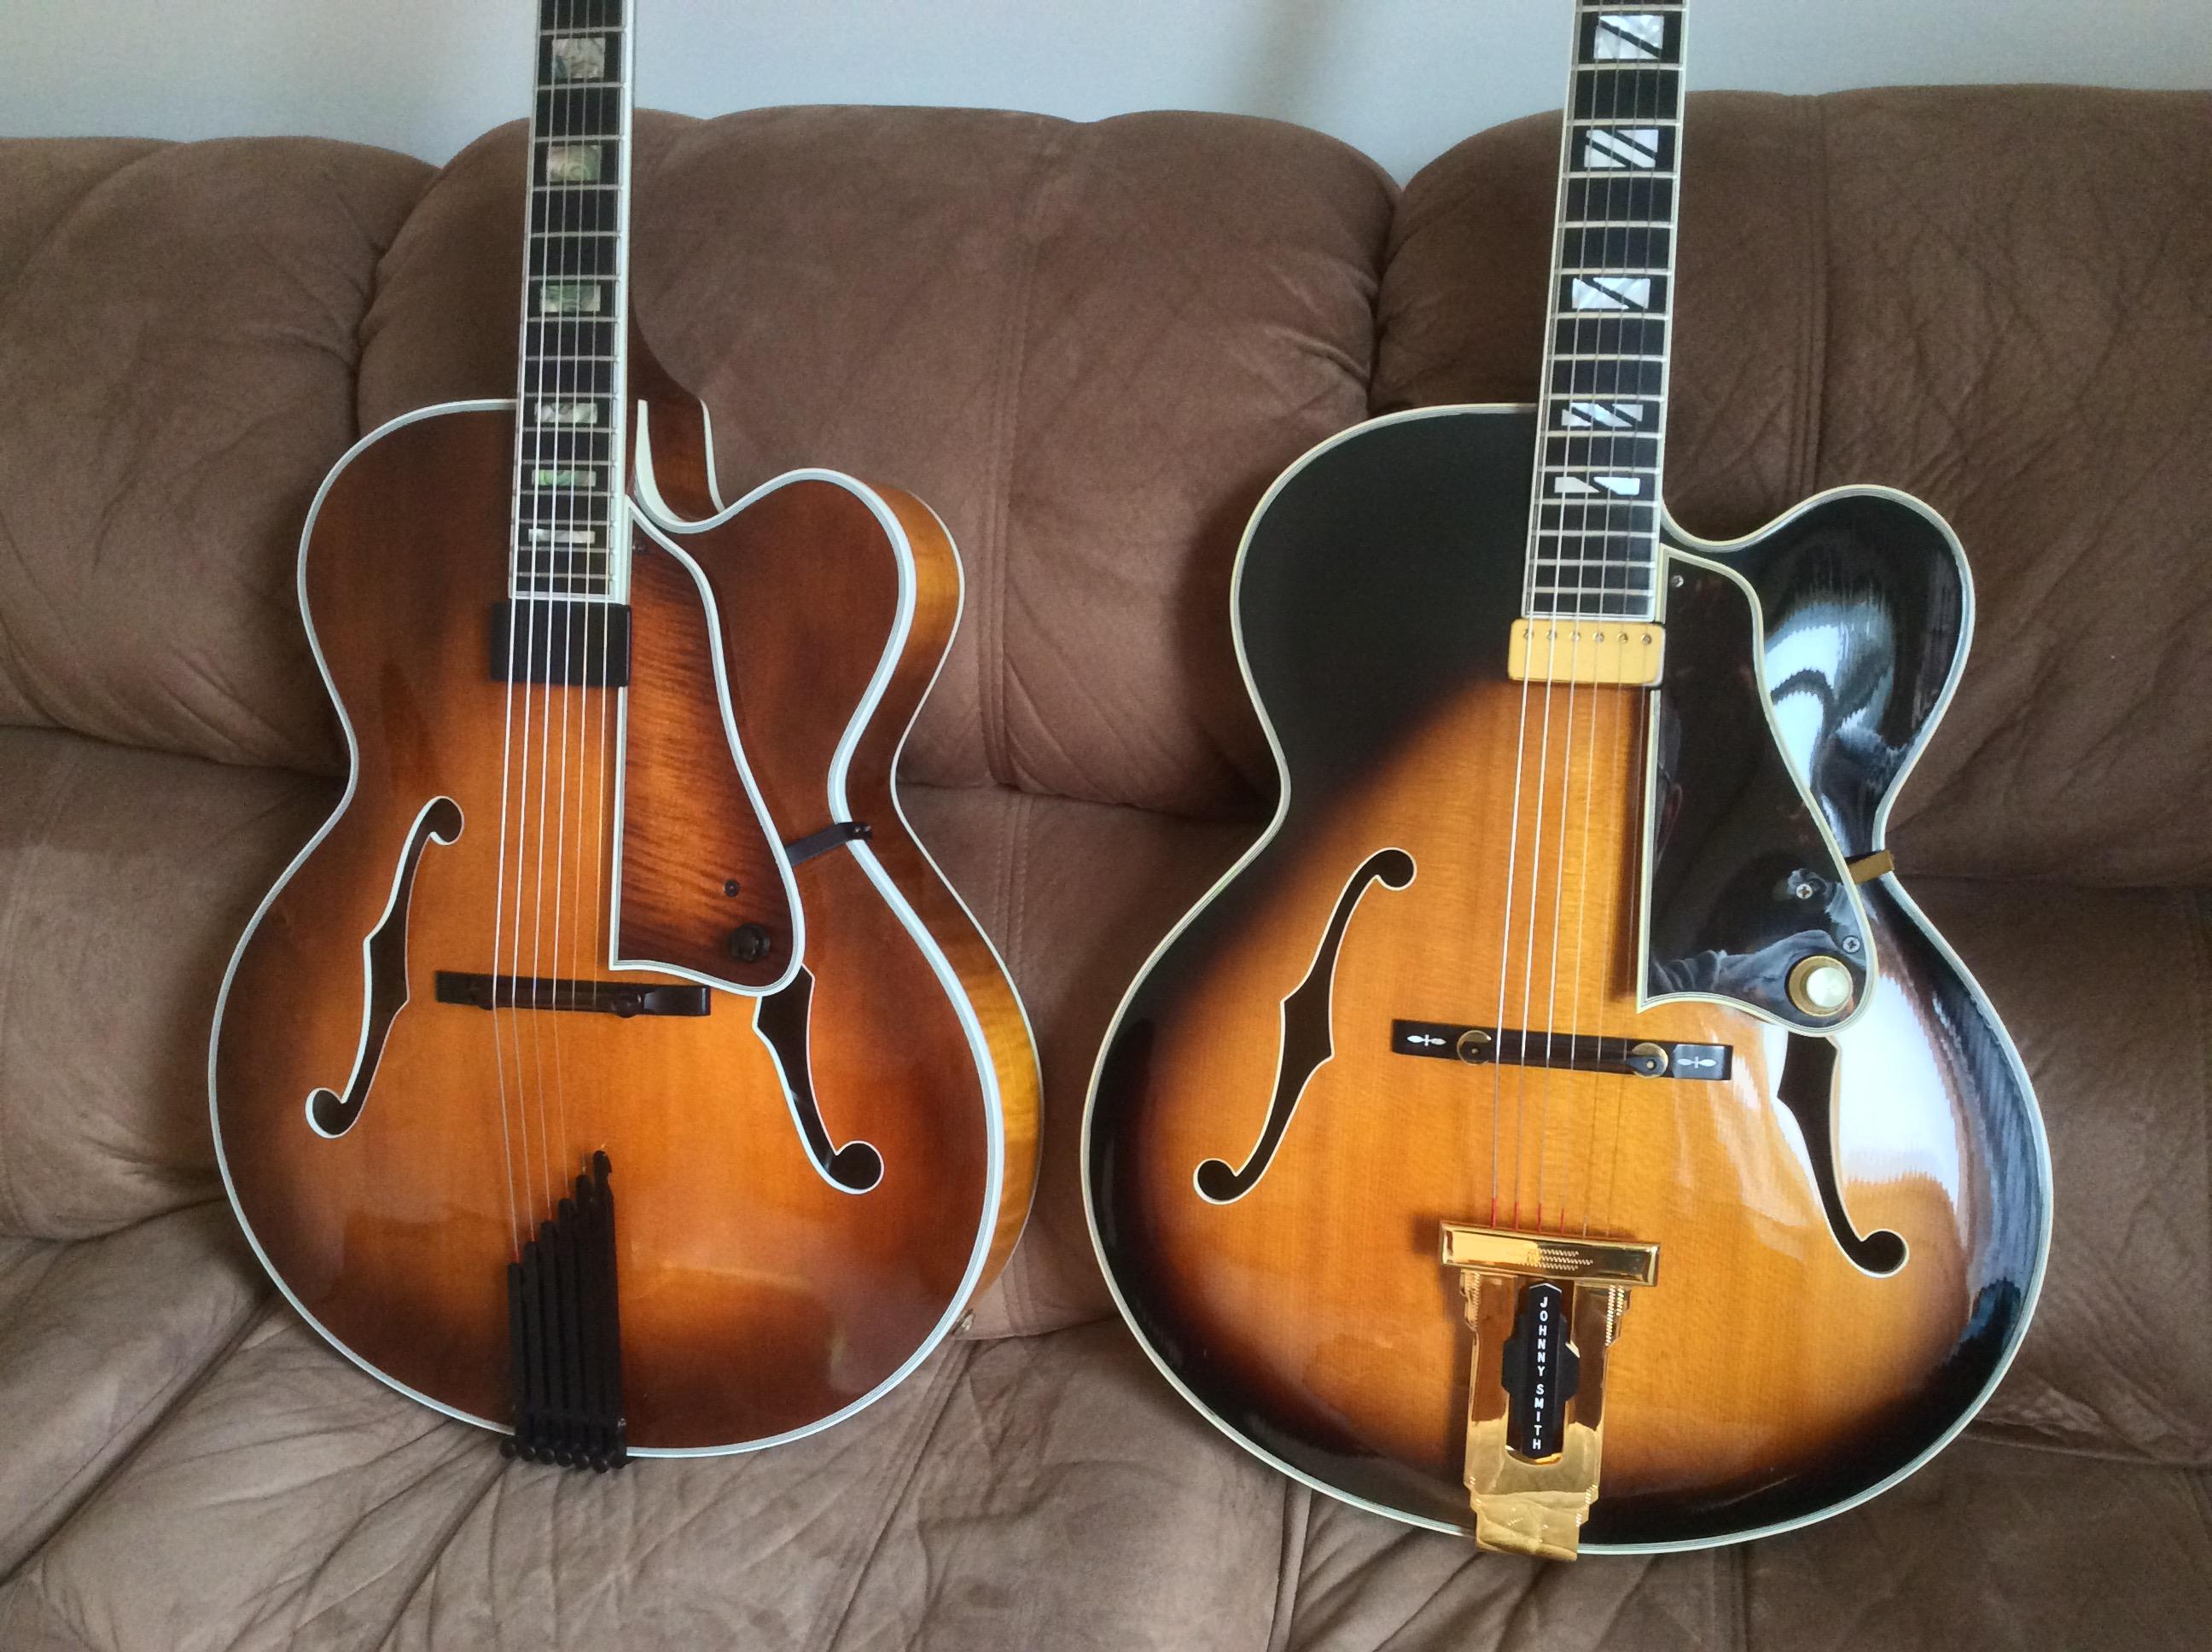 Heritage Johnny Smith vs. Gibson Johnny Smith-f3e97f80-b672-4aee-9470-660fe79ba41d-jpeg